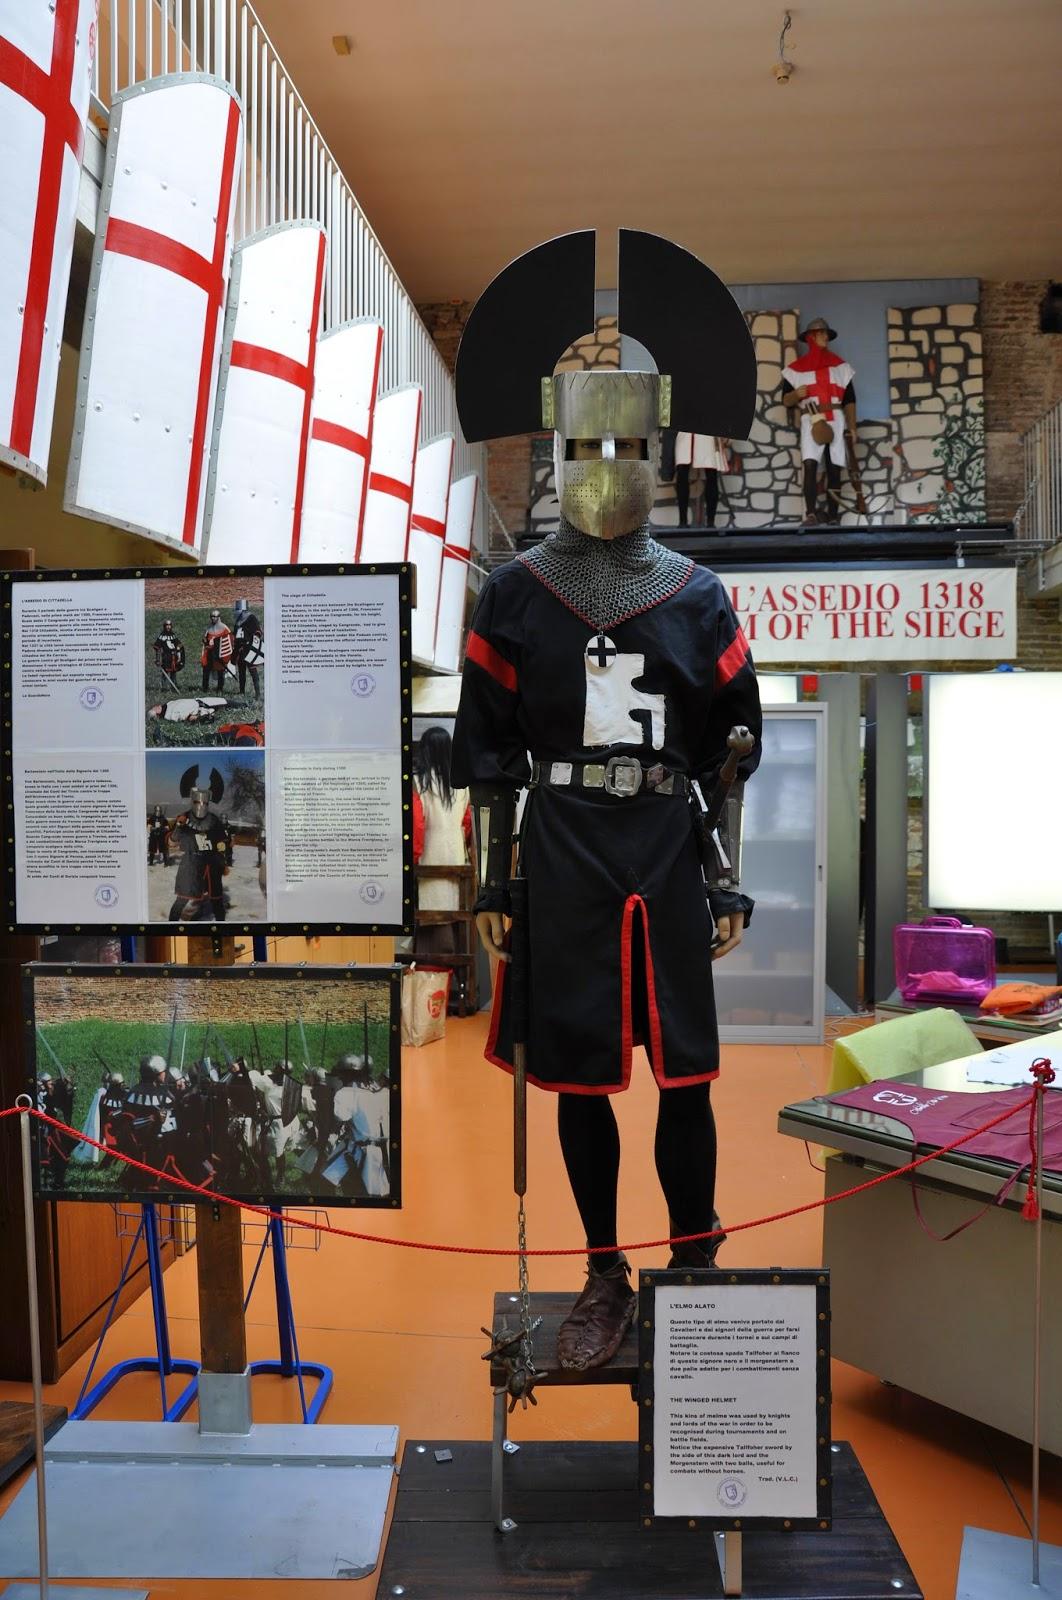 knight winged helmet Museum medieval wall Cittadella Italy